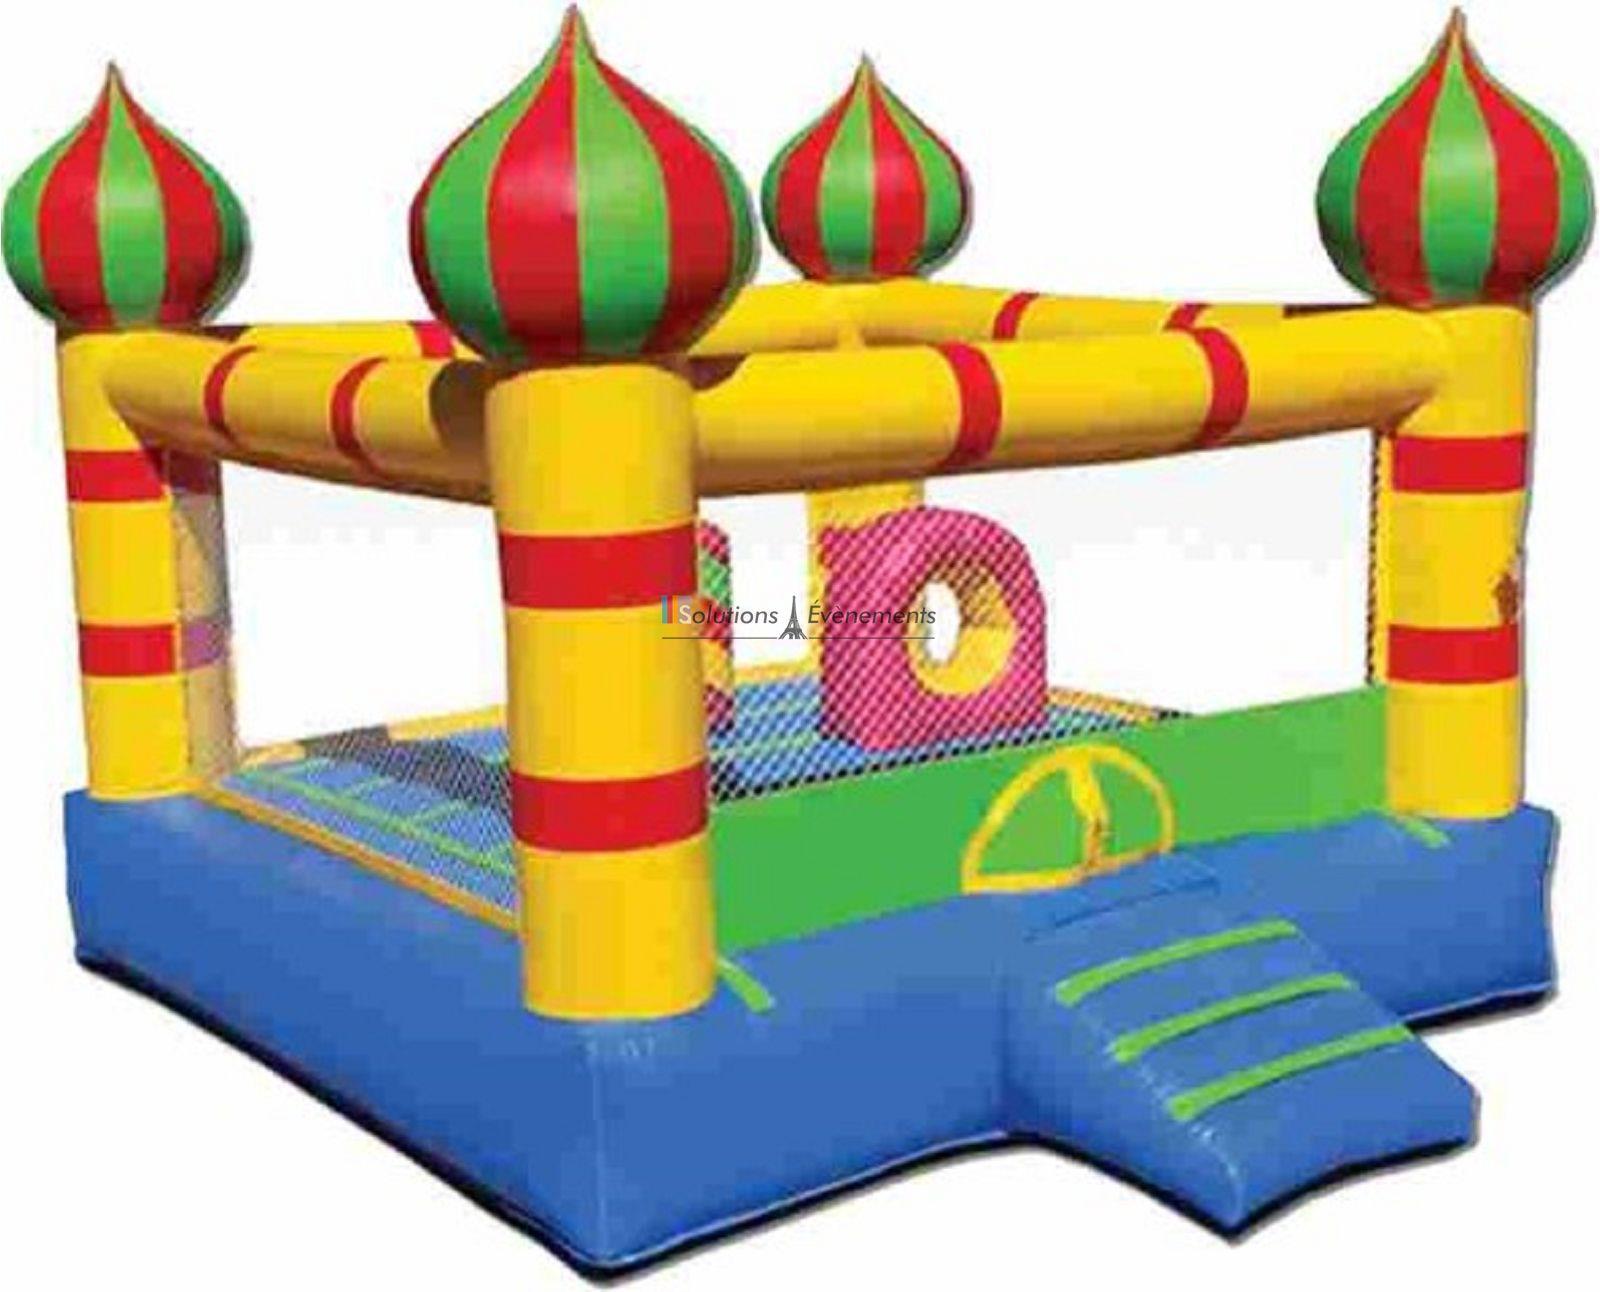 location chateau gonflable paris enfant structure jeux. Black Bedroom Furniture Sets. Home Design Ideas